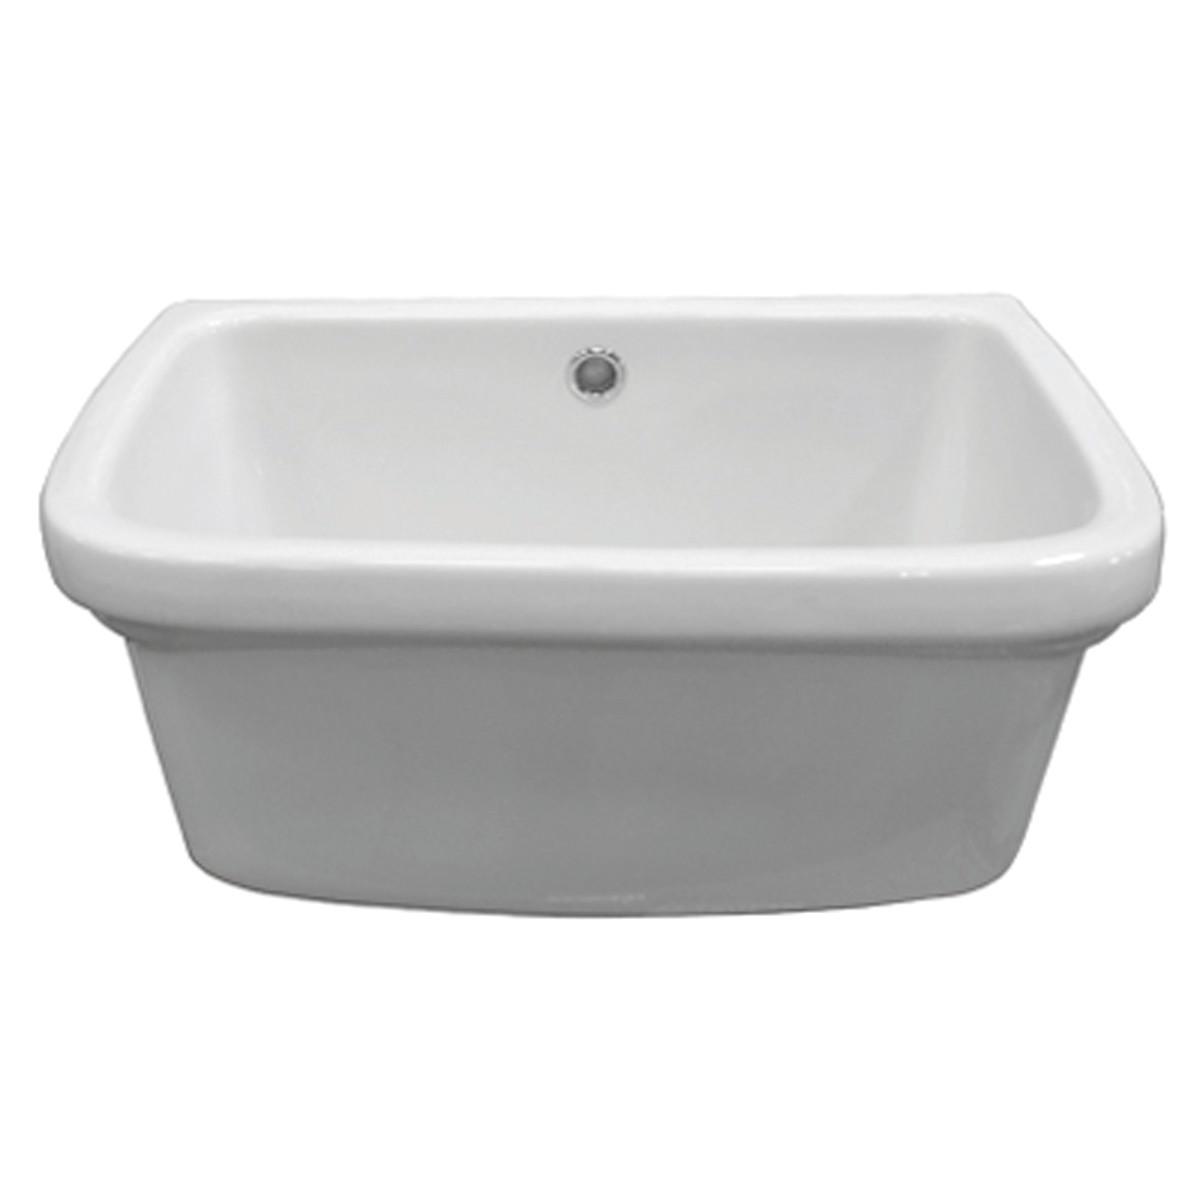 Mobili lavanderia: prezzi e offerte online per mobili lavanderia